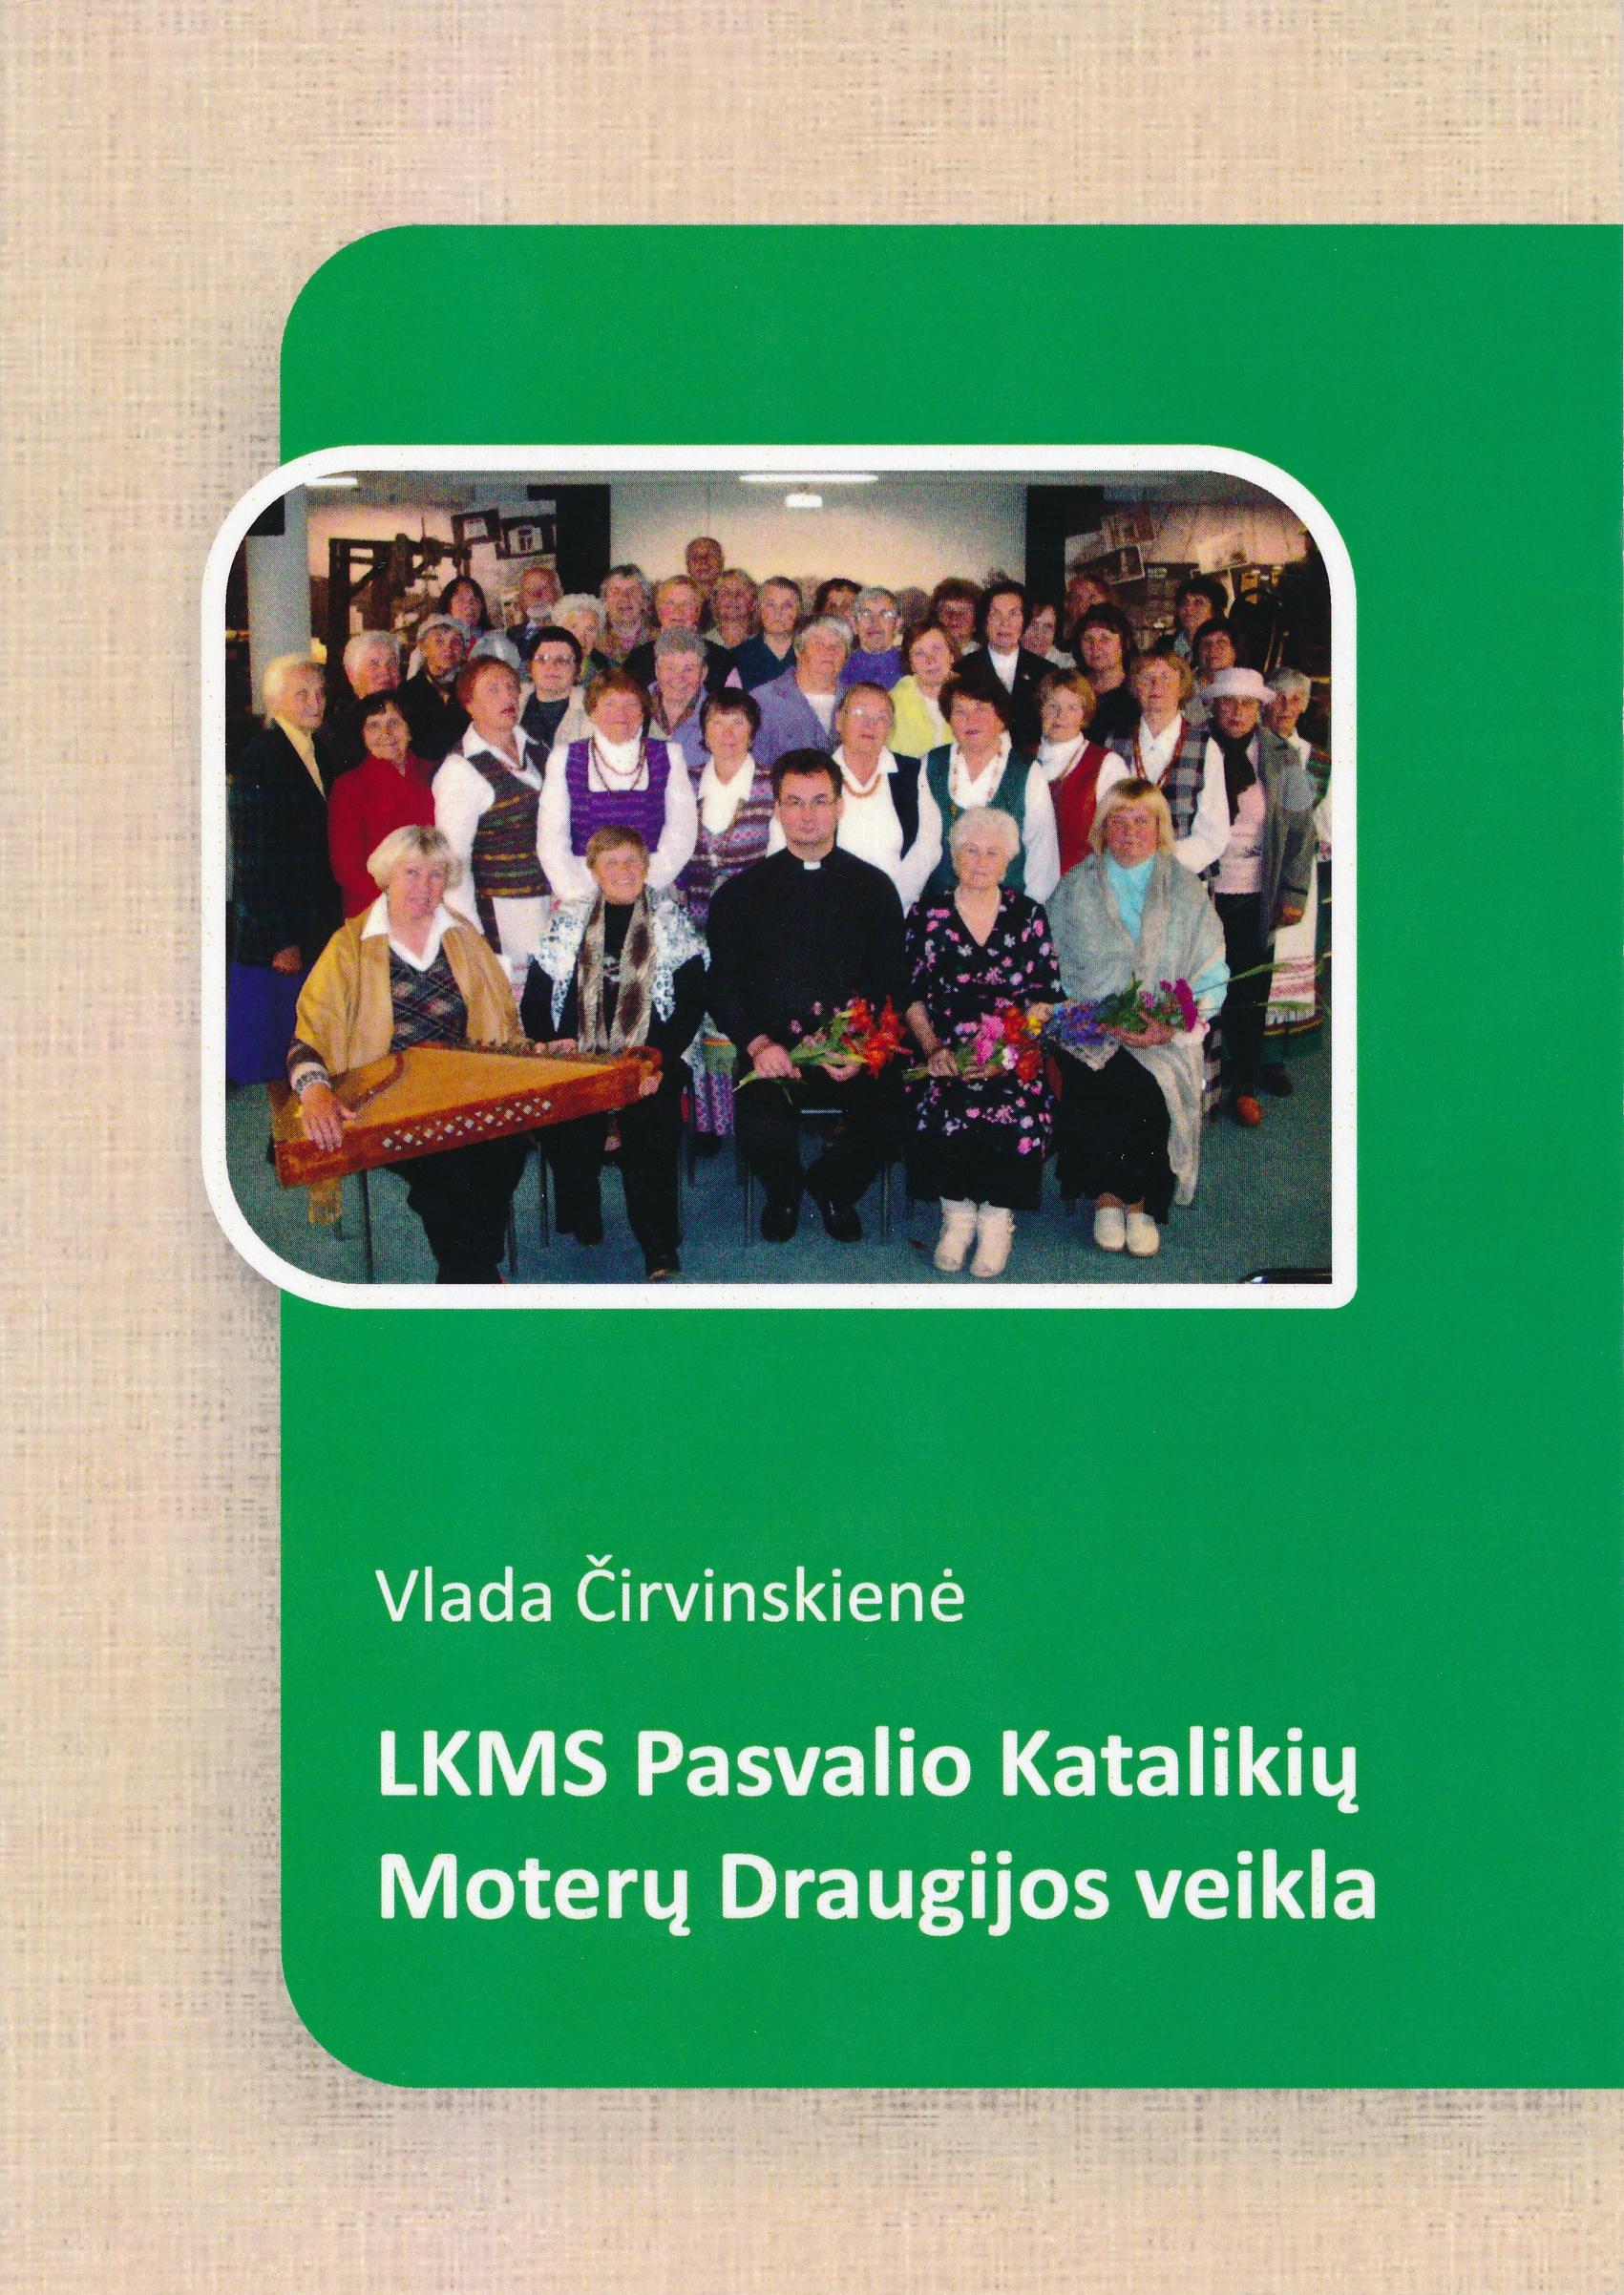 LKMS Pasvalio Katalikių Moterų Draugijos veikla